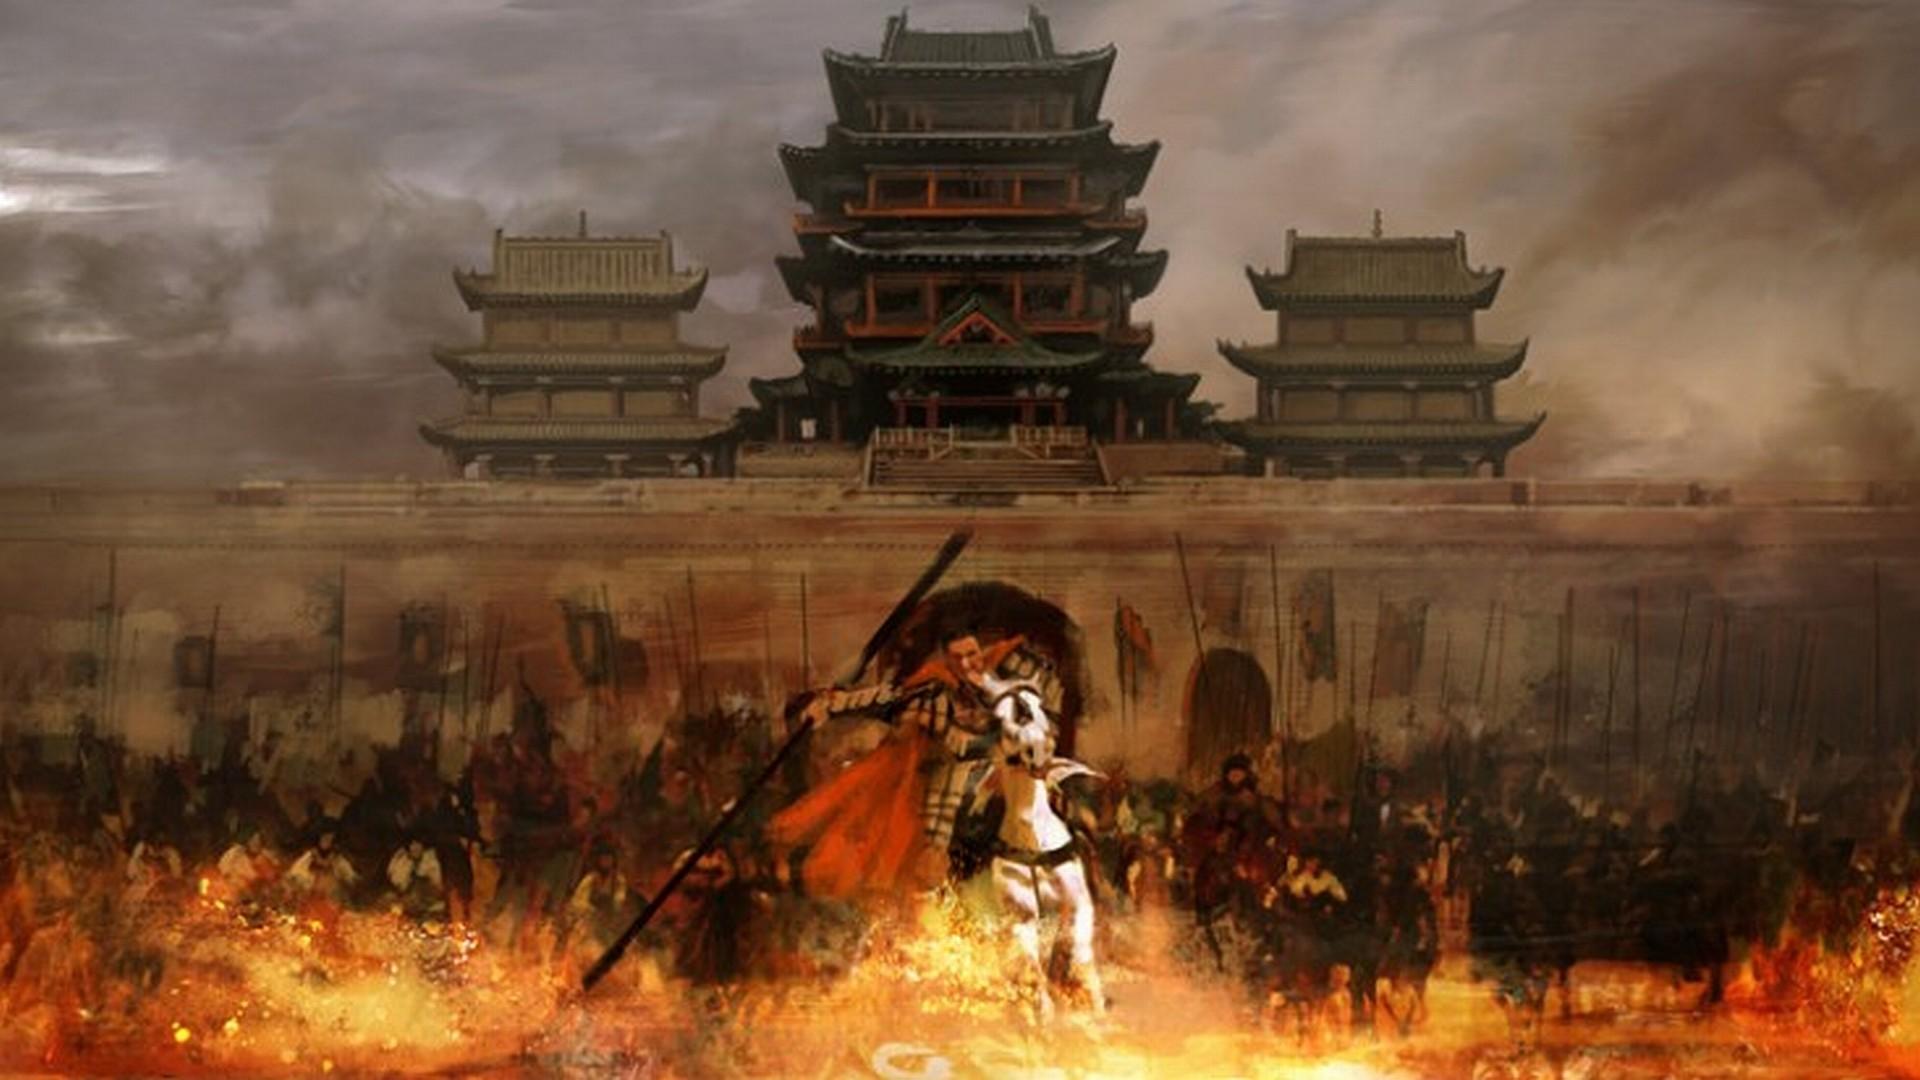 0 samurai Wallpaper Backgrounds samurai Wallpaper Backgrounds